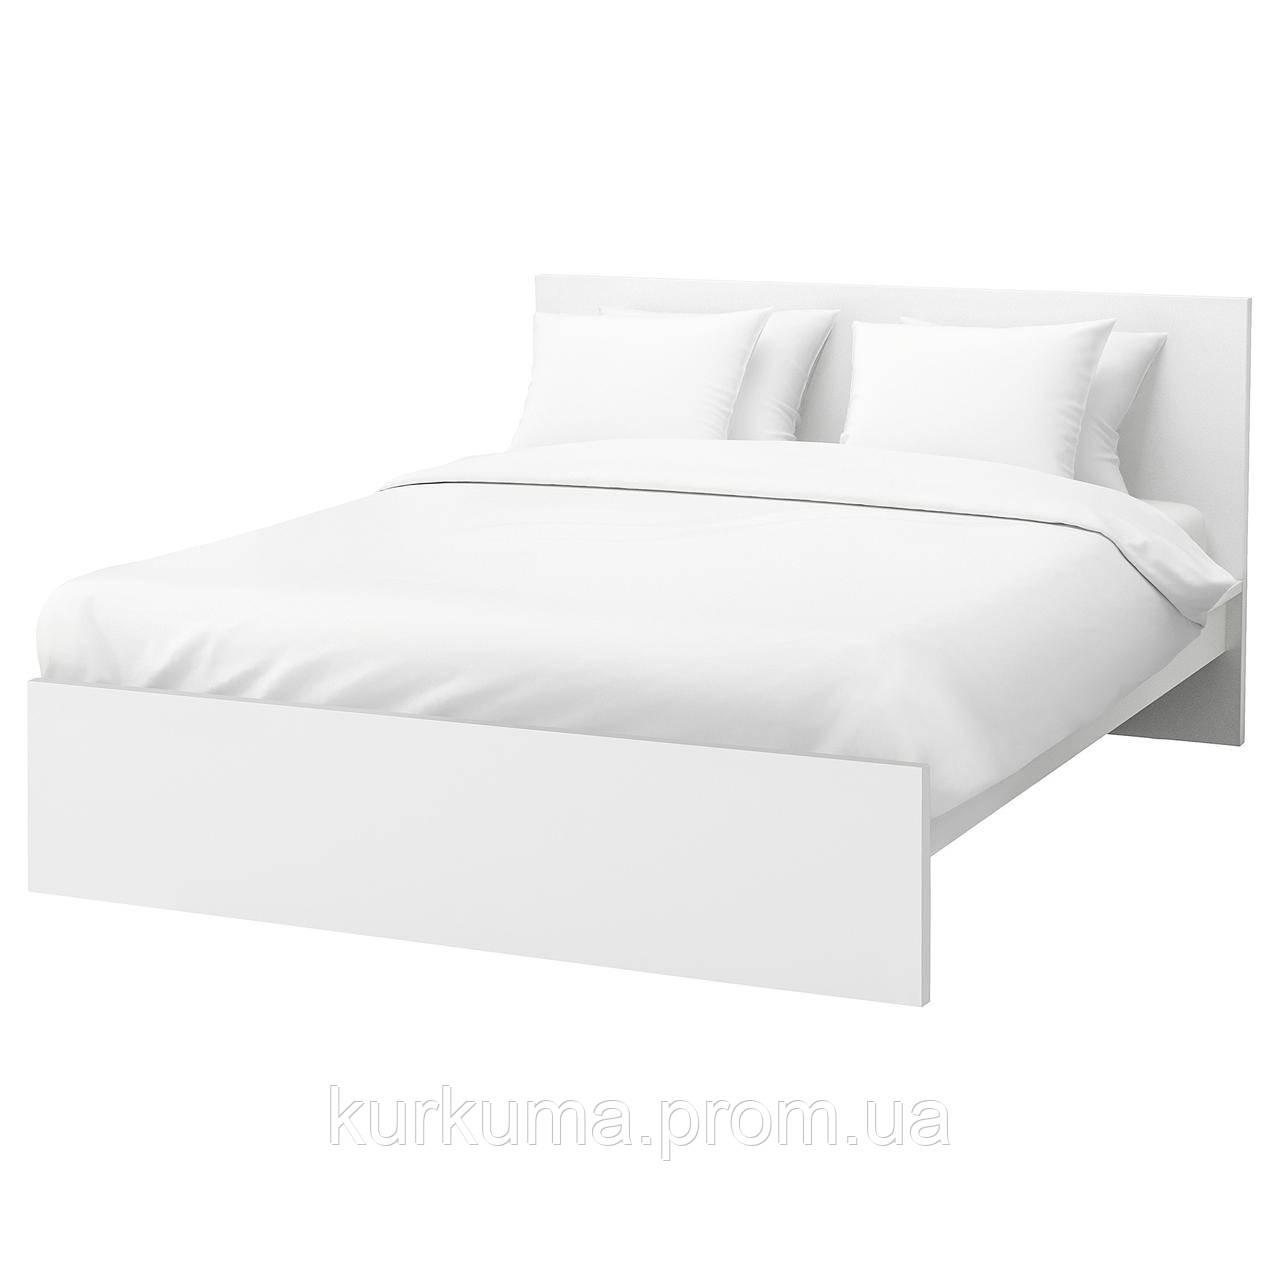 IKEA MALM Кровать высокая, белый, Лонсет  (690.191.44)